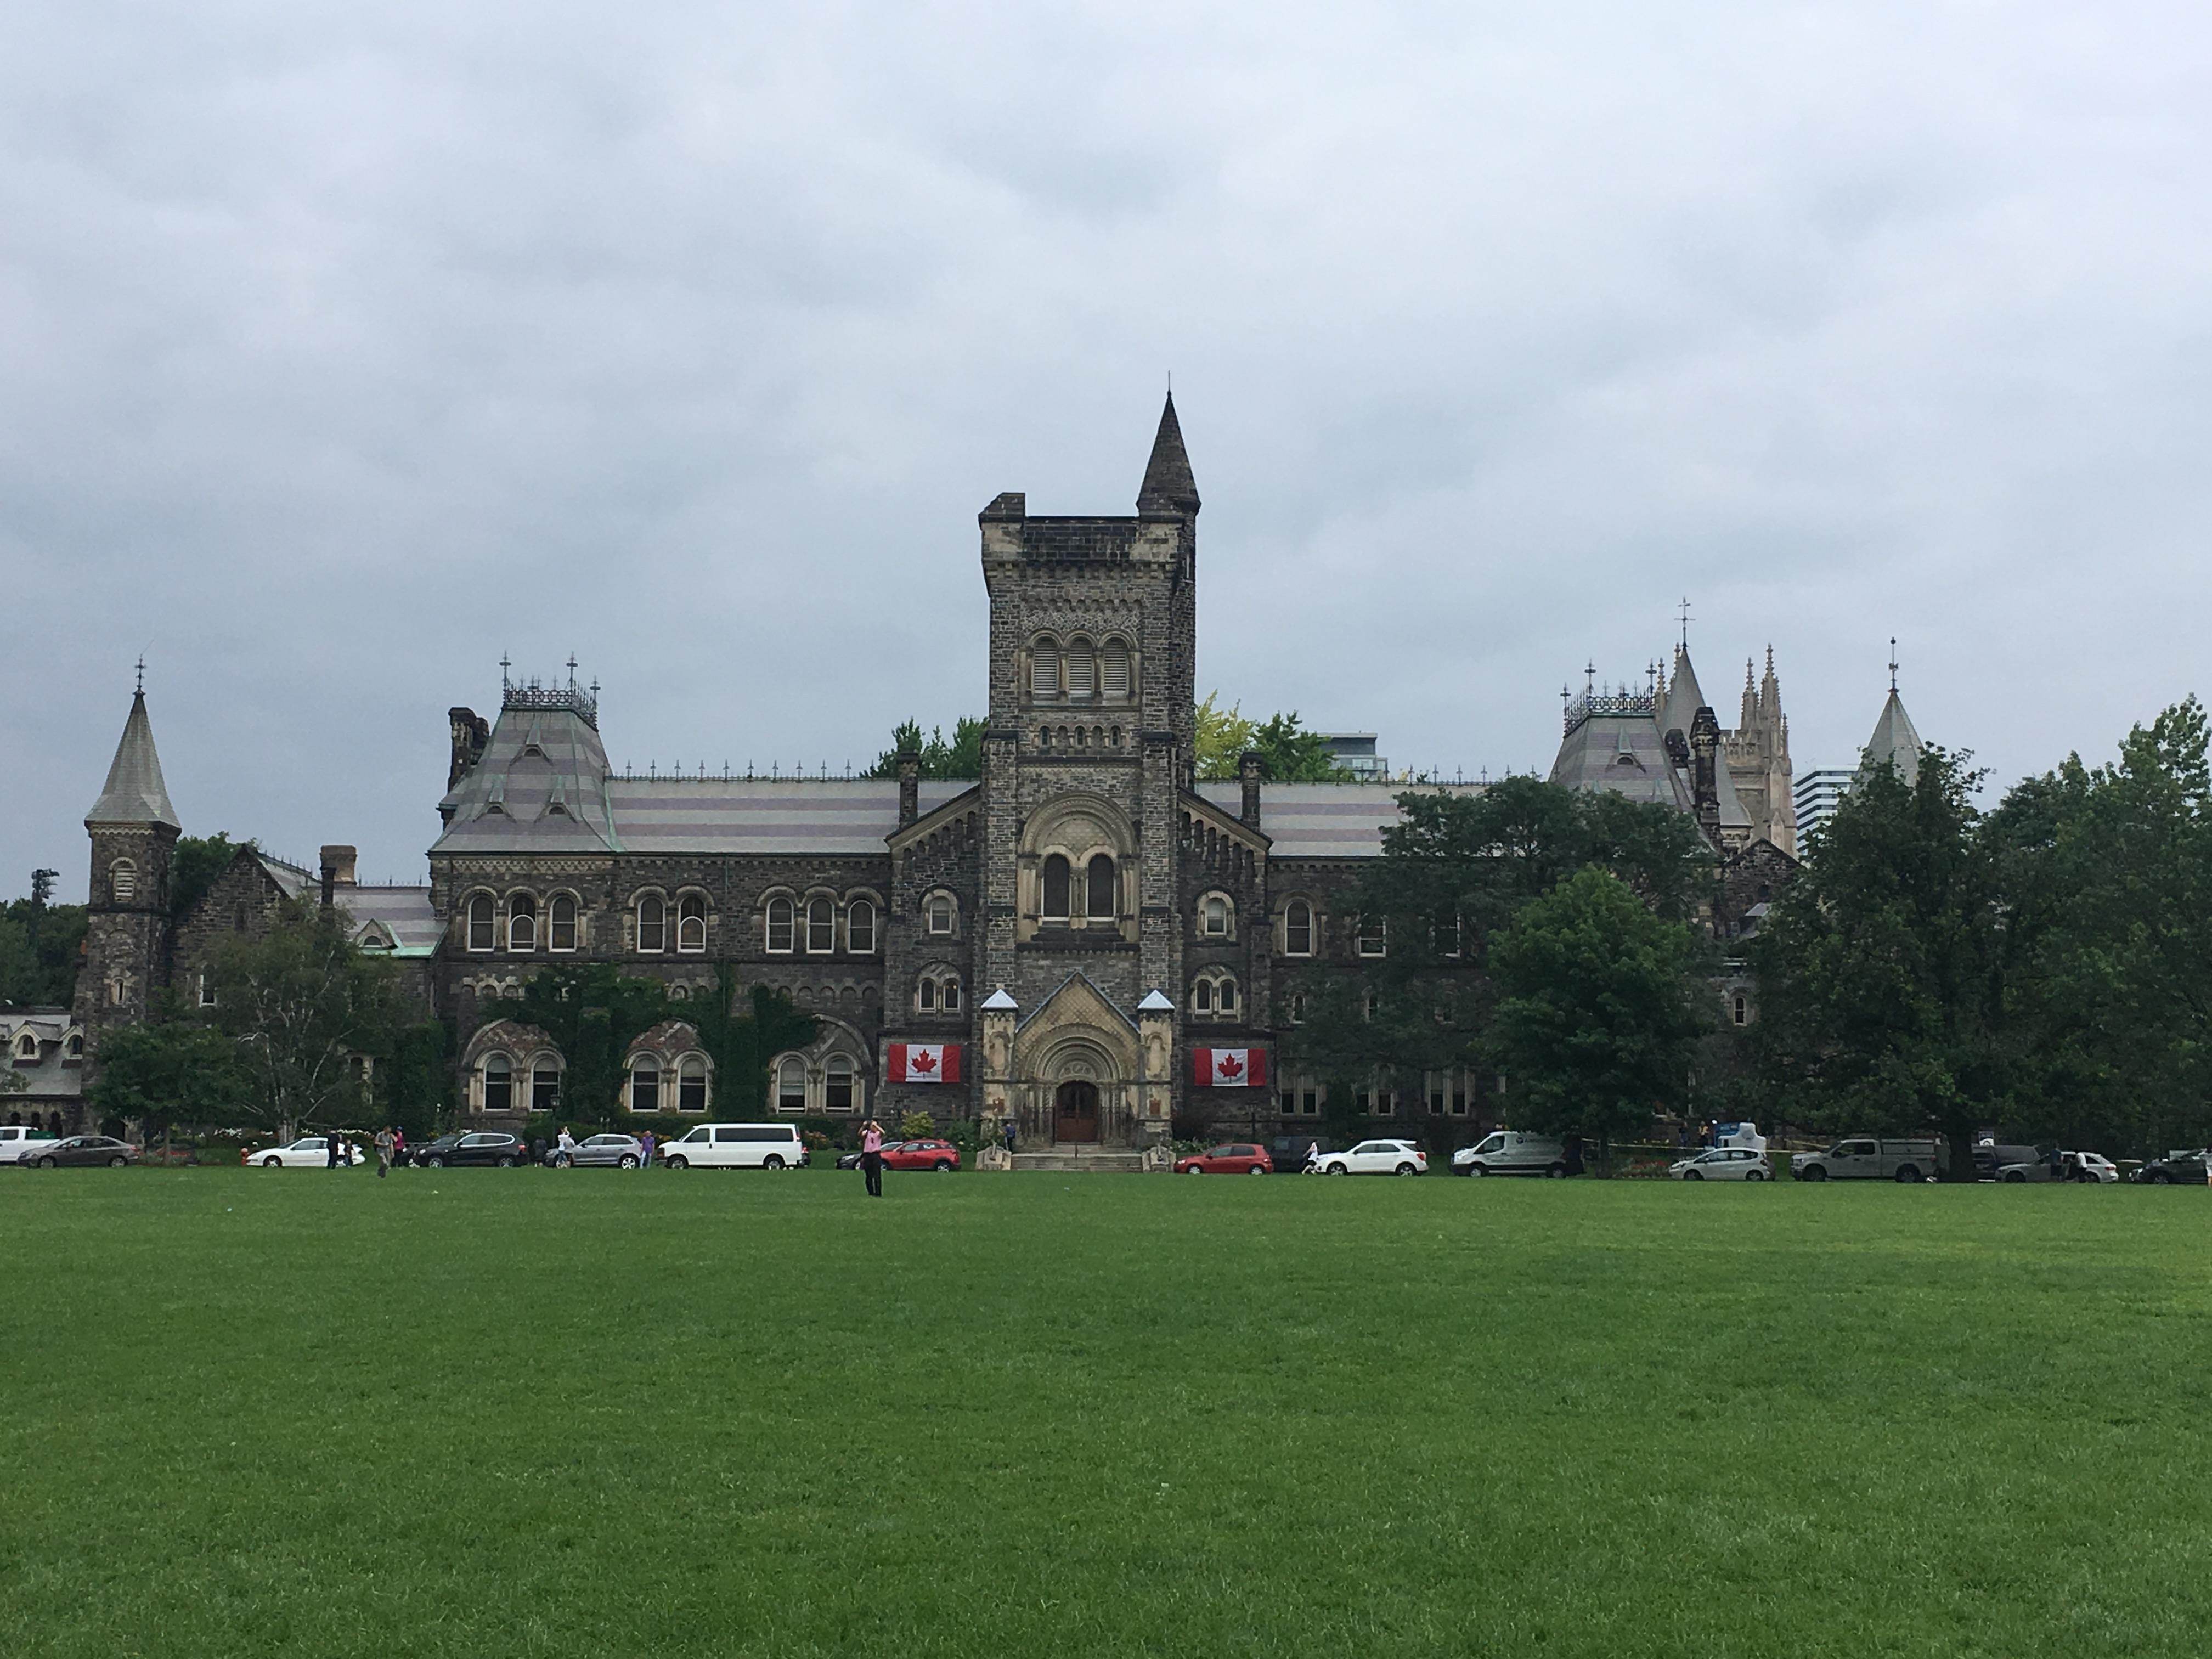 中国高考成绩,可以读加拿大本科吗?有哪些院校推荐?